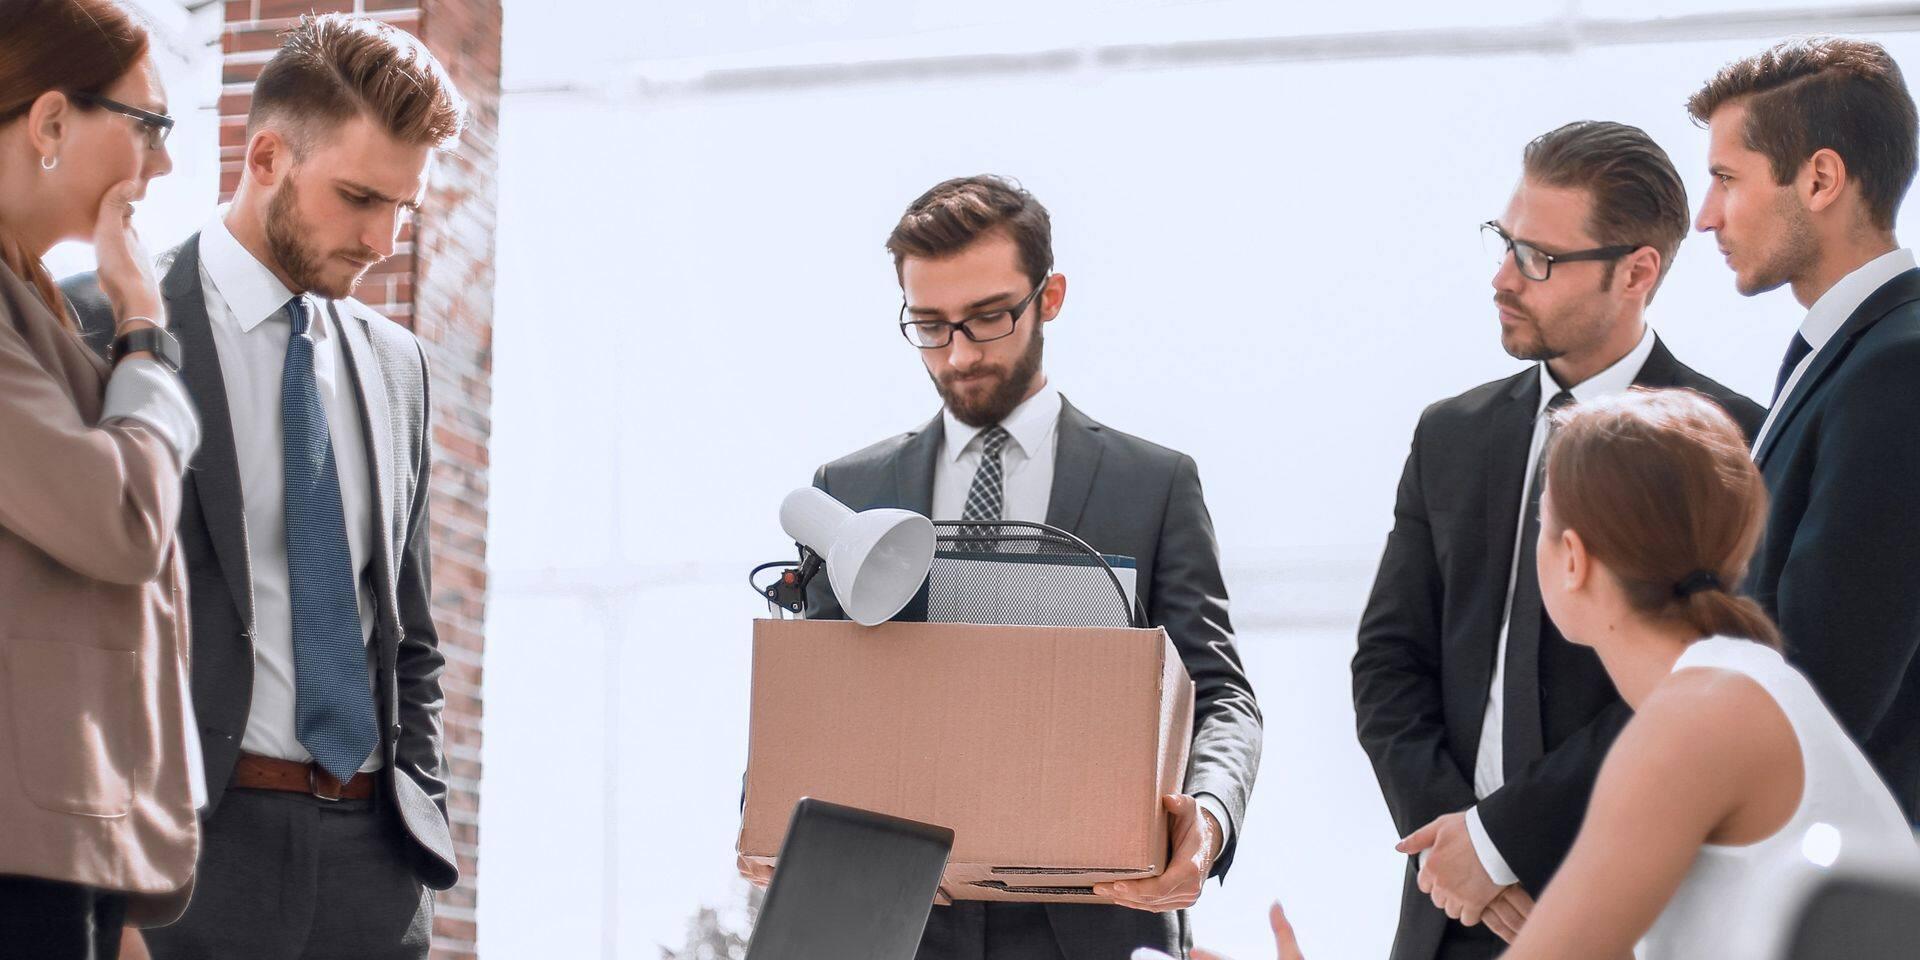 Les intentions de licenciement à la baisse dans les PME belges